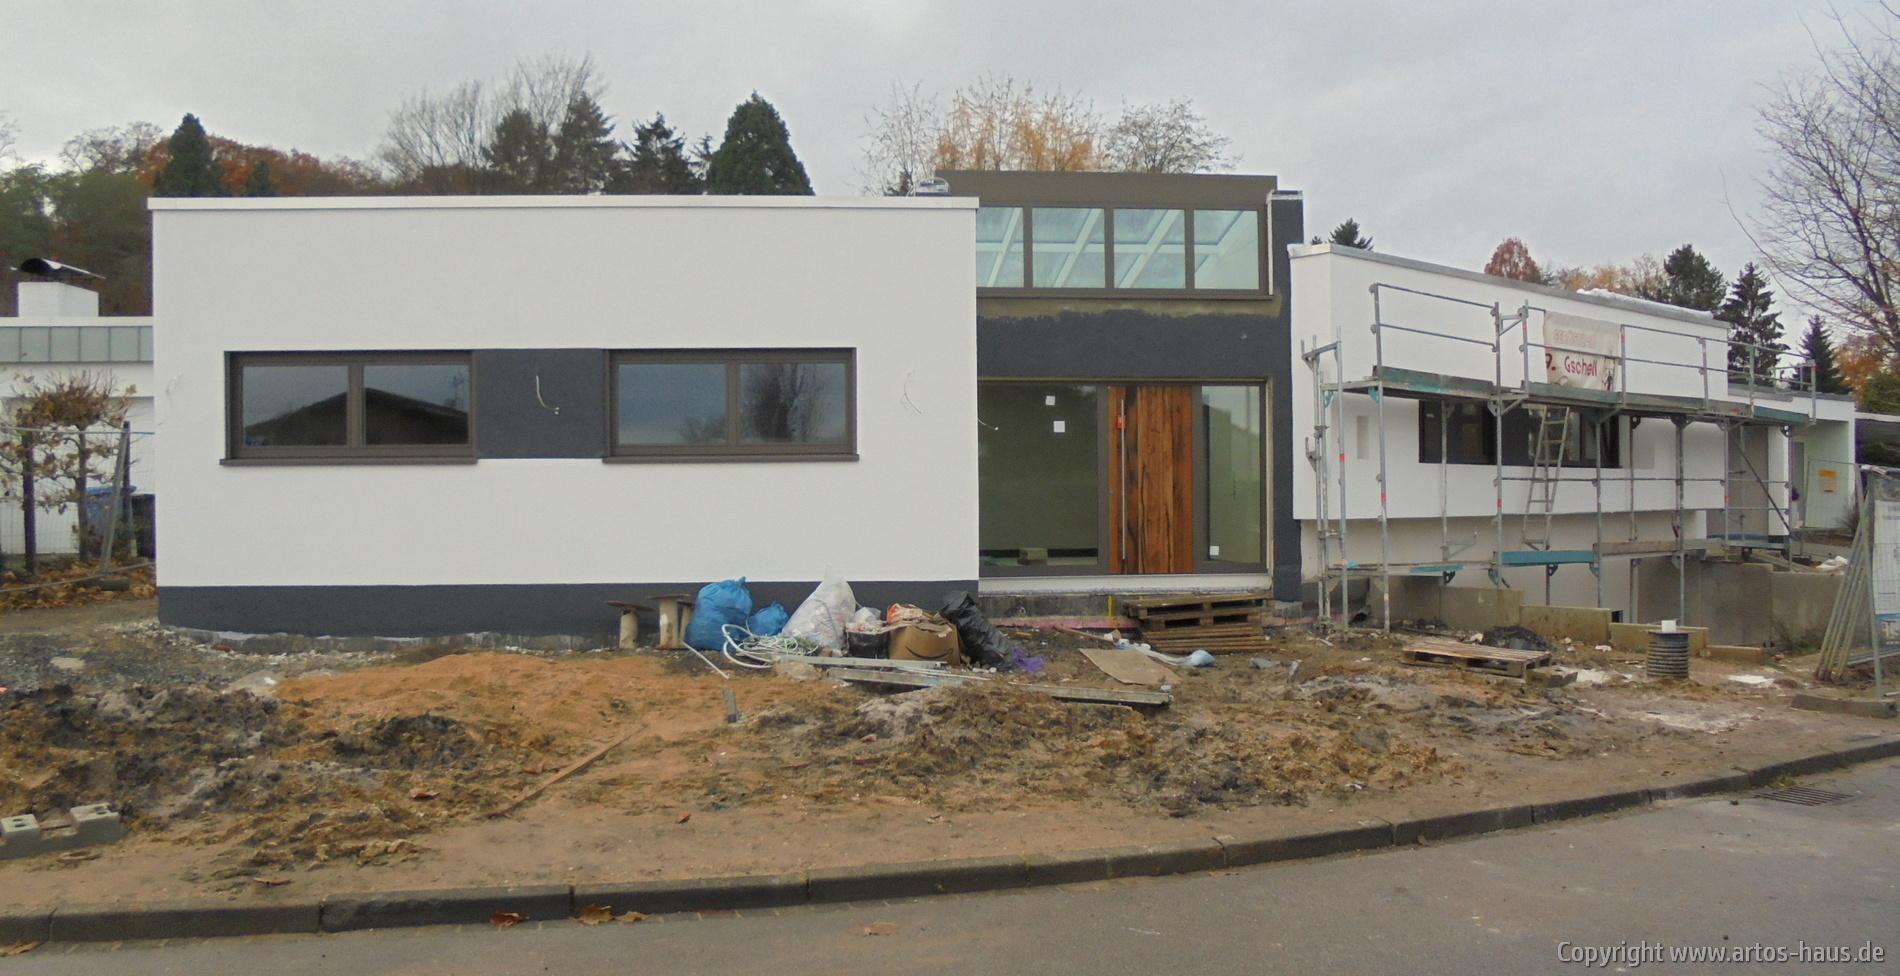 Einbau der Haustüre | Baucvorhaben ARTOS HAUS in Frechen | Bild 1